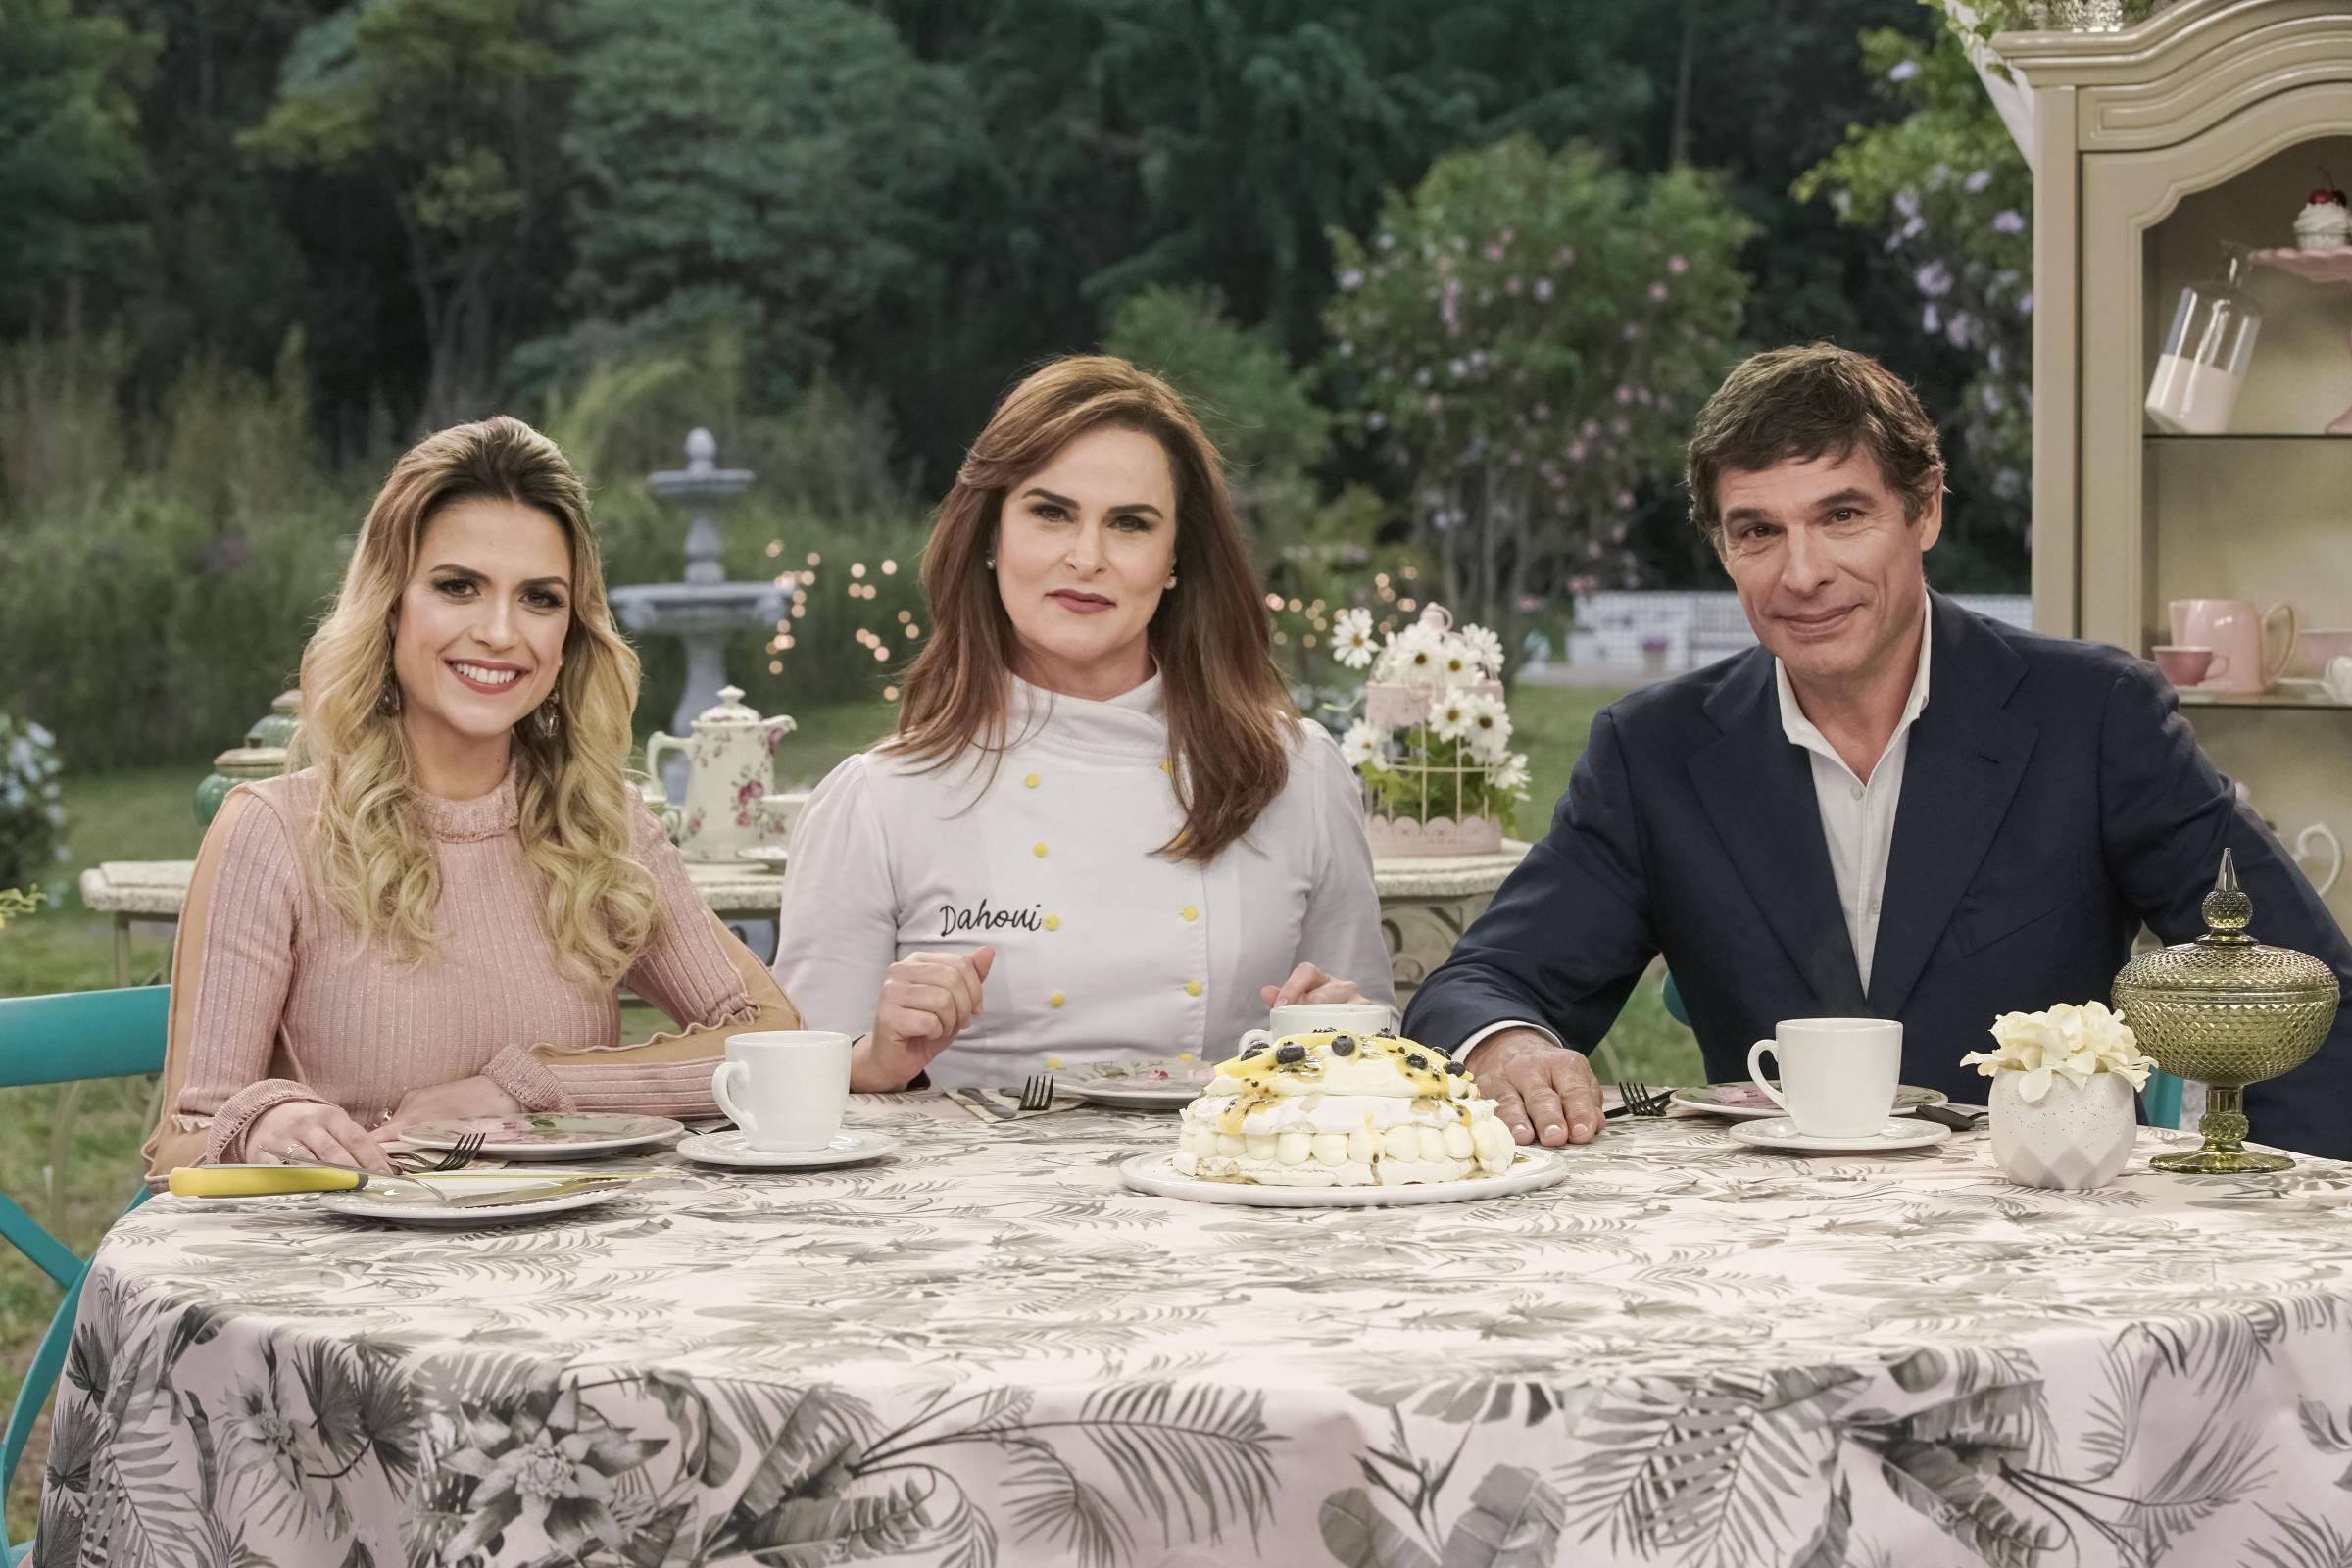 F5 Televisao Bake Off De Ano Novo Tera Chef Danielle Dahoui